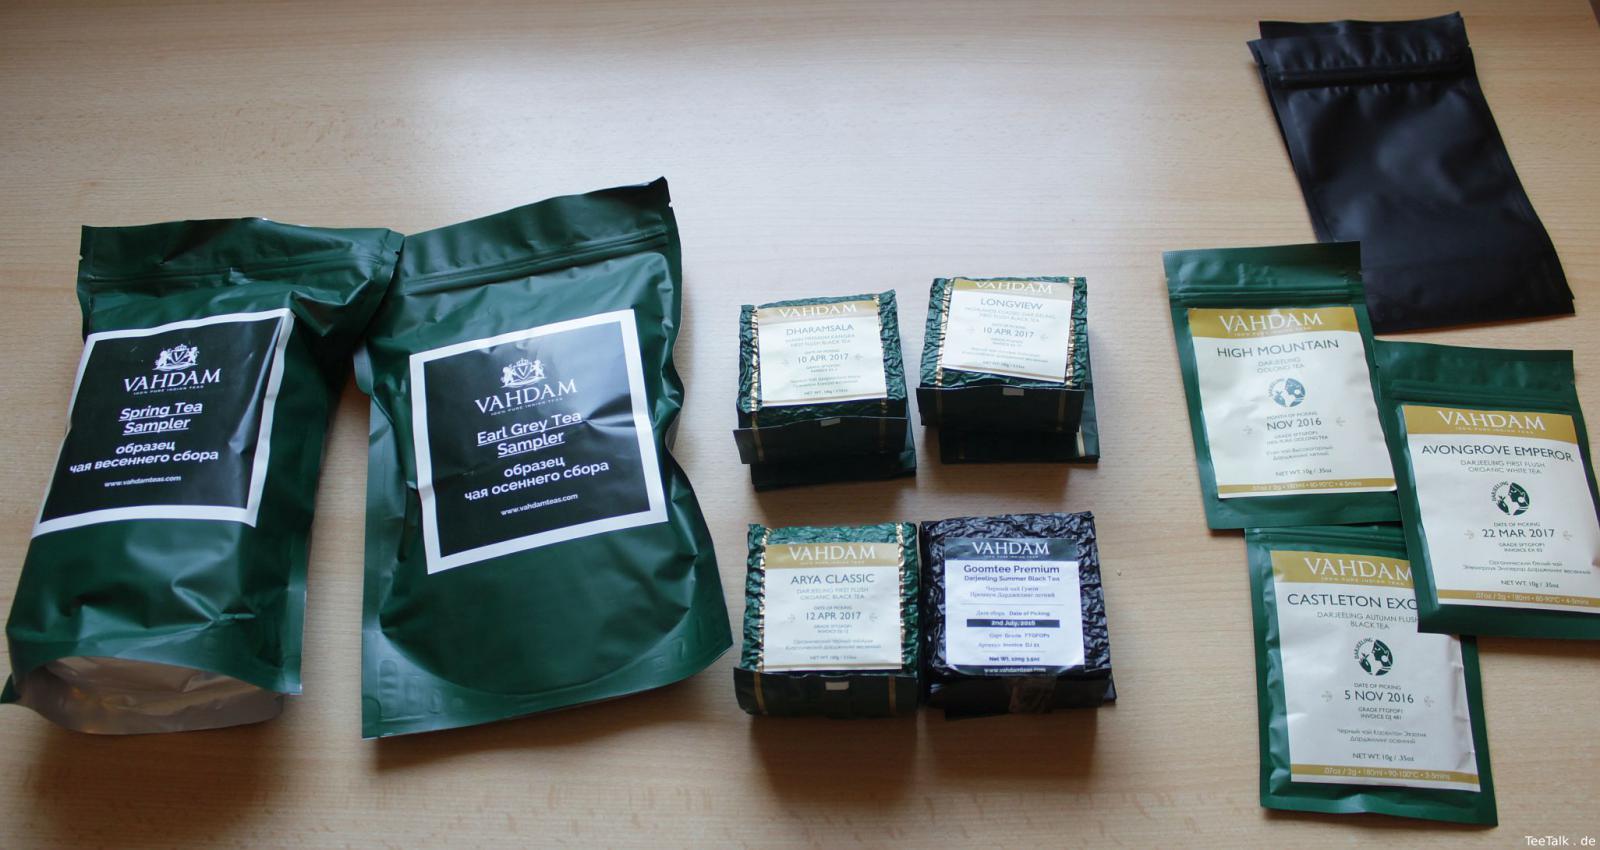 Lieferung von Vadham Tea